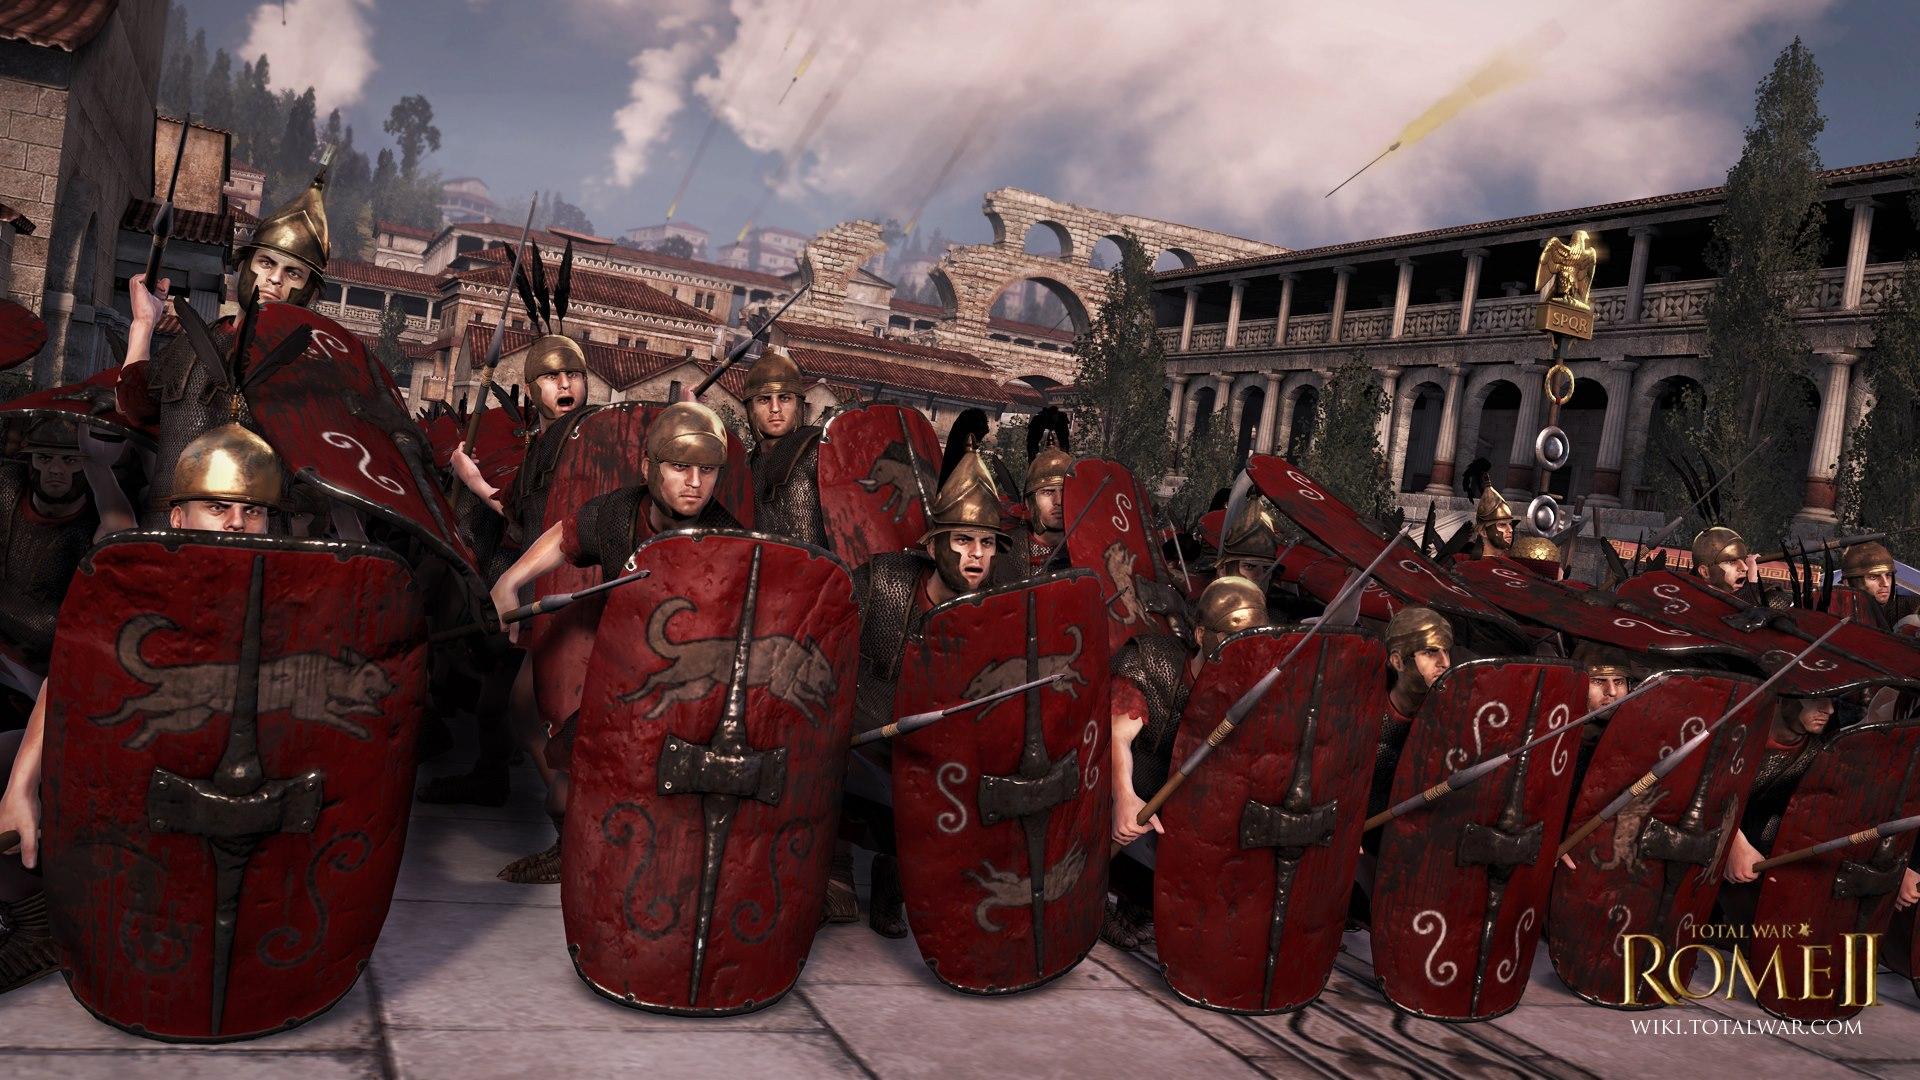 罗马的军队之所以强大是因为他们有组织,有纪律,有战术.